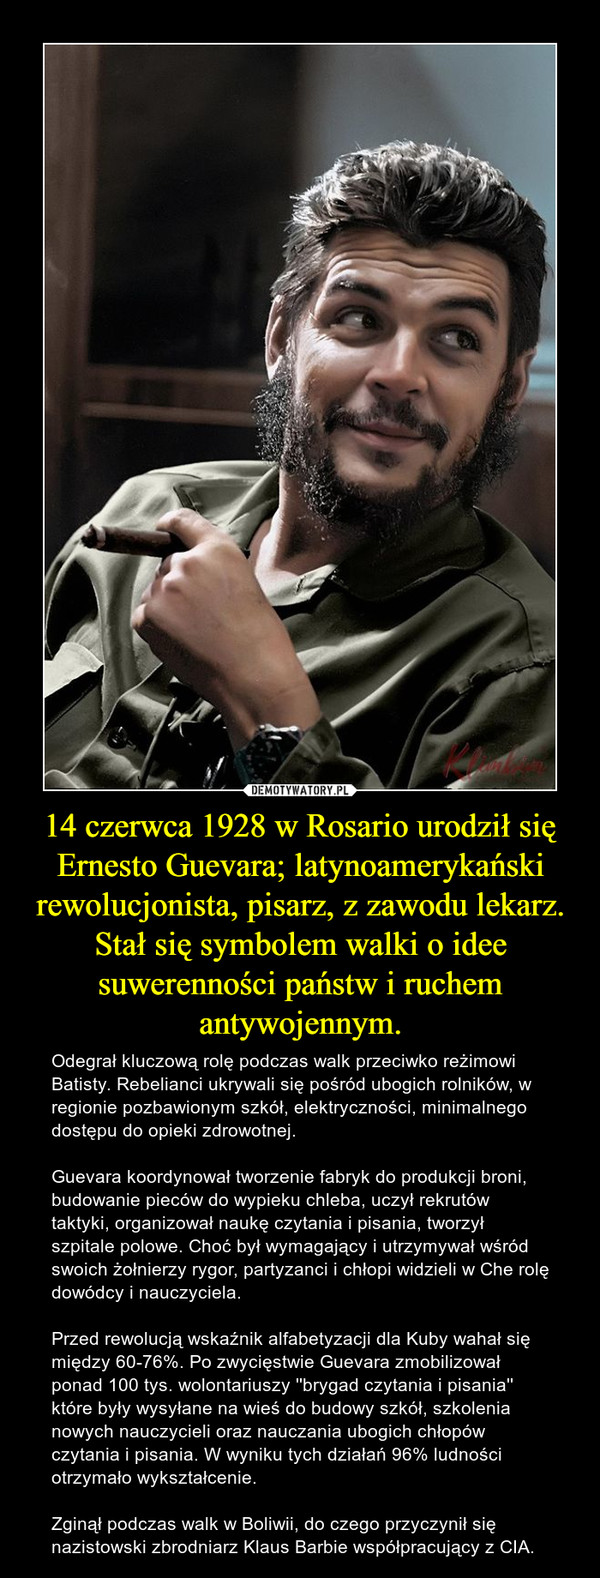 14 czerwca 1928 w Rosario urodził się Ernesto Guevara; latynoamerykański rewolucjonista, pisarz, z zawodu lekarz. Stał się symbolem walki o idee suwerenności państw i ruchem antywojennym. – Odegrał kluczową rolę podczas walk przeciwko reżimowi Batisty. Rebelianci ukrywali się pośród ubogich rolników, w regionie pozbawionym szkół, elektryczności, minimalnego dostępu do opieki zdrowotnej. Guevara koordynował tworzenie fabryk do produkcji broni, budowanie pieców do wypieku chleba, uczył rekrutów taktyki, organizował naukę czytania i pisania, tworzył szpitale polowe. Choć był wymagający i utrzymywał wśród swoich żołnierzy rygor, partyzanci i chłopi widzieli w Che rolę dowódcy i nauczyciela. Przed rewolucją wskaźnik alfabetyzacji dla Kuby wahał się między 60-76%. Po zwycięstwie Guevara zmobilizował ponad 100 tys. wolontariuszy ''brygad czytania i pisania'' które były wysyłane na wieś do budowy szkół, szkolenia nowych nauczycieli oraz nauczania ubogich chłopów czytania i pisania. W wyniku tych działań 96% ludności otrzymało wykształcenie. Zginął podczas walk w Boliwii, do czego przyczynił się nazistowski zbrodniarz Klaus Barbie współpracujący z CIA.